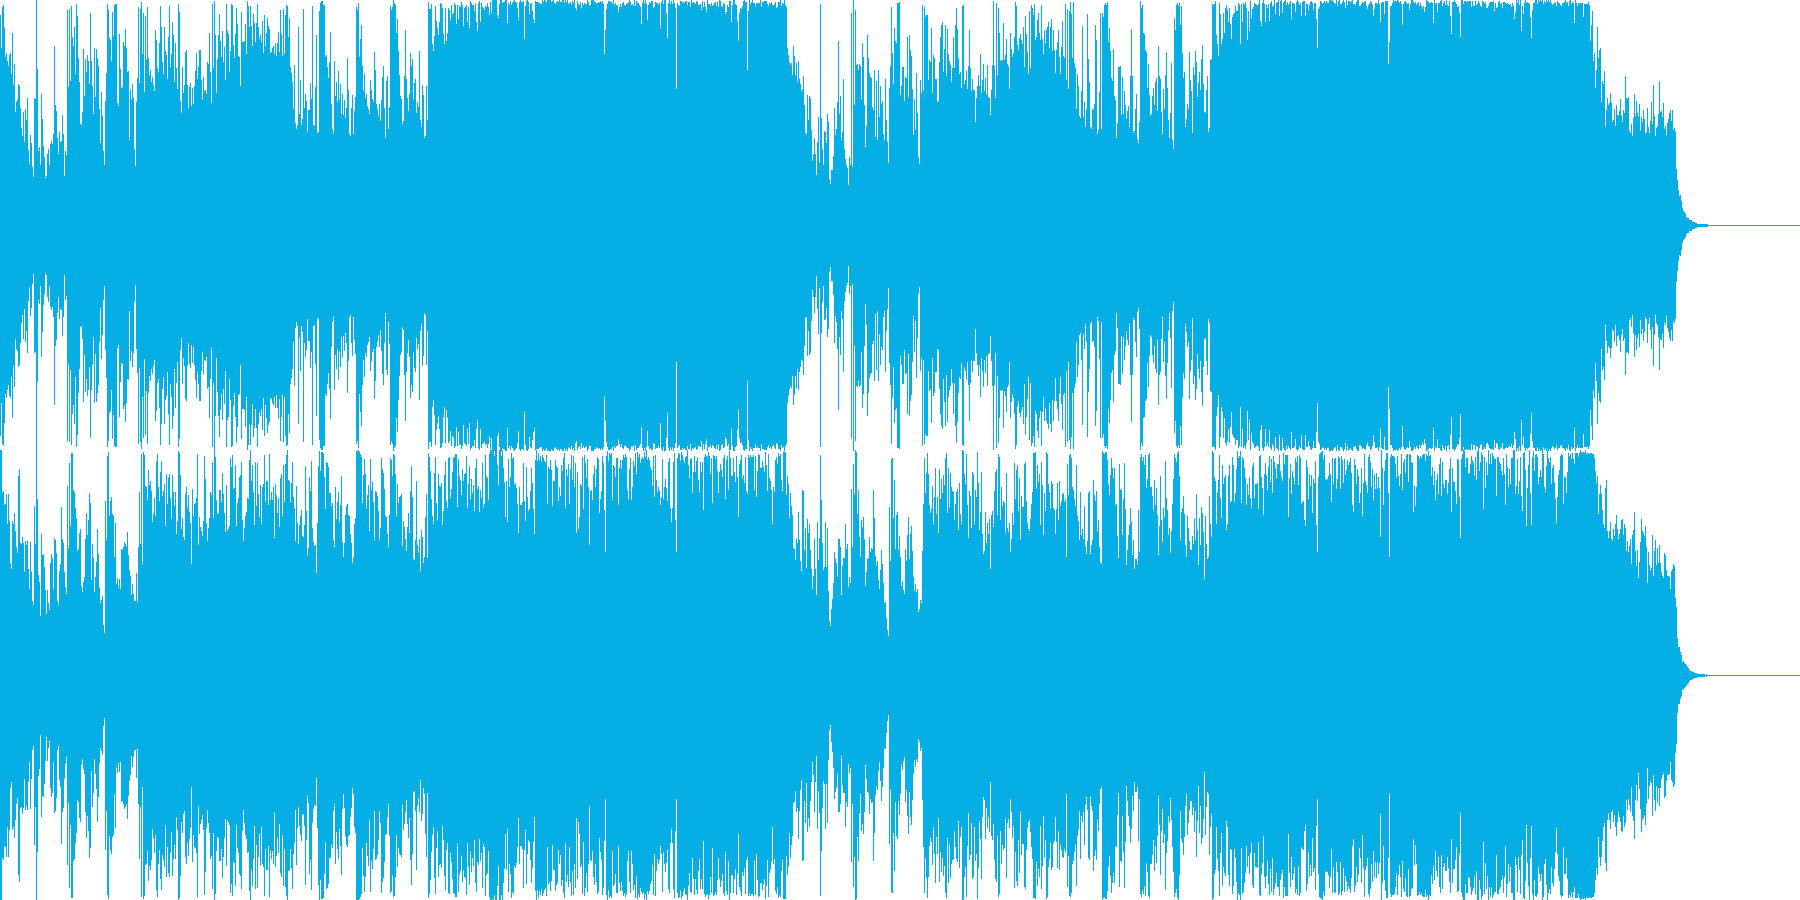 「荒々しいオーケストラ」の再生済みの波形